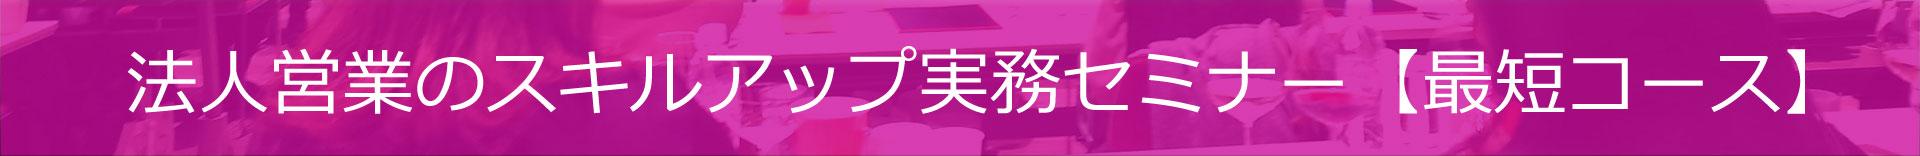 main_banner2